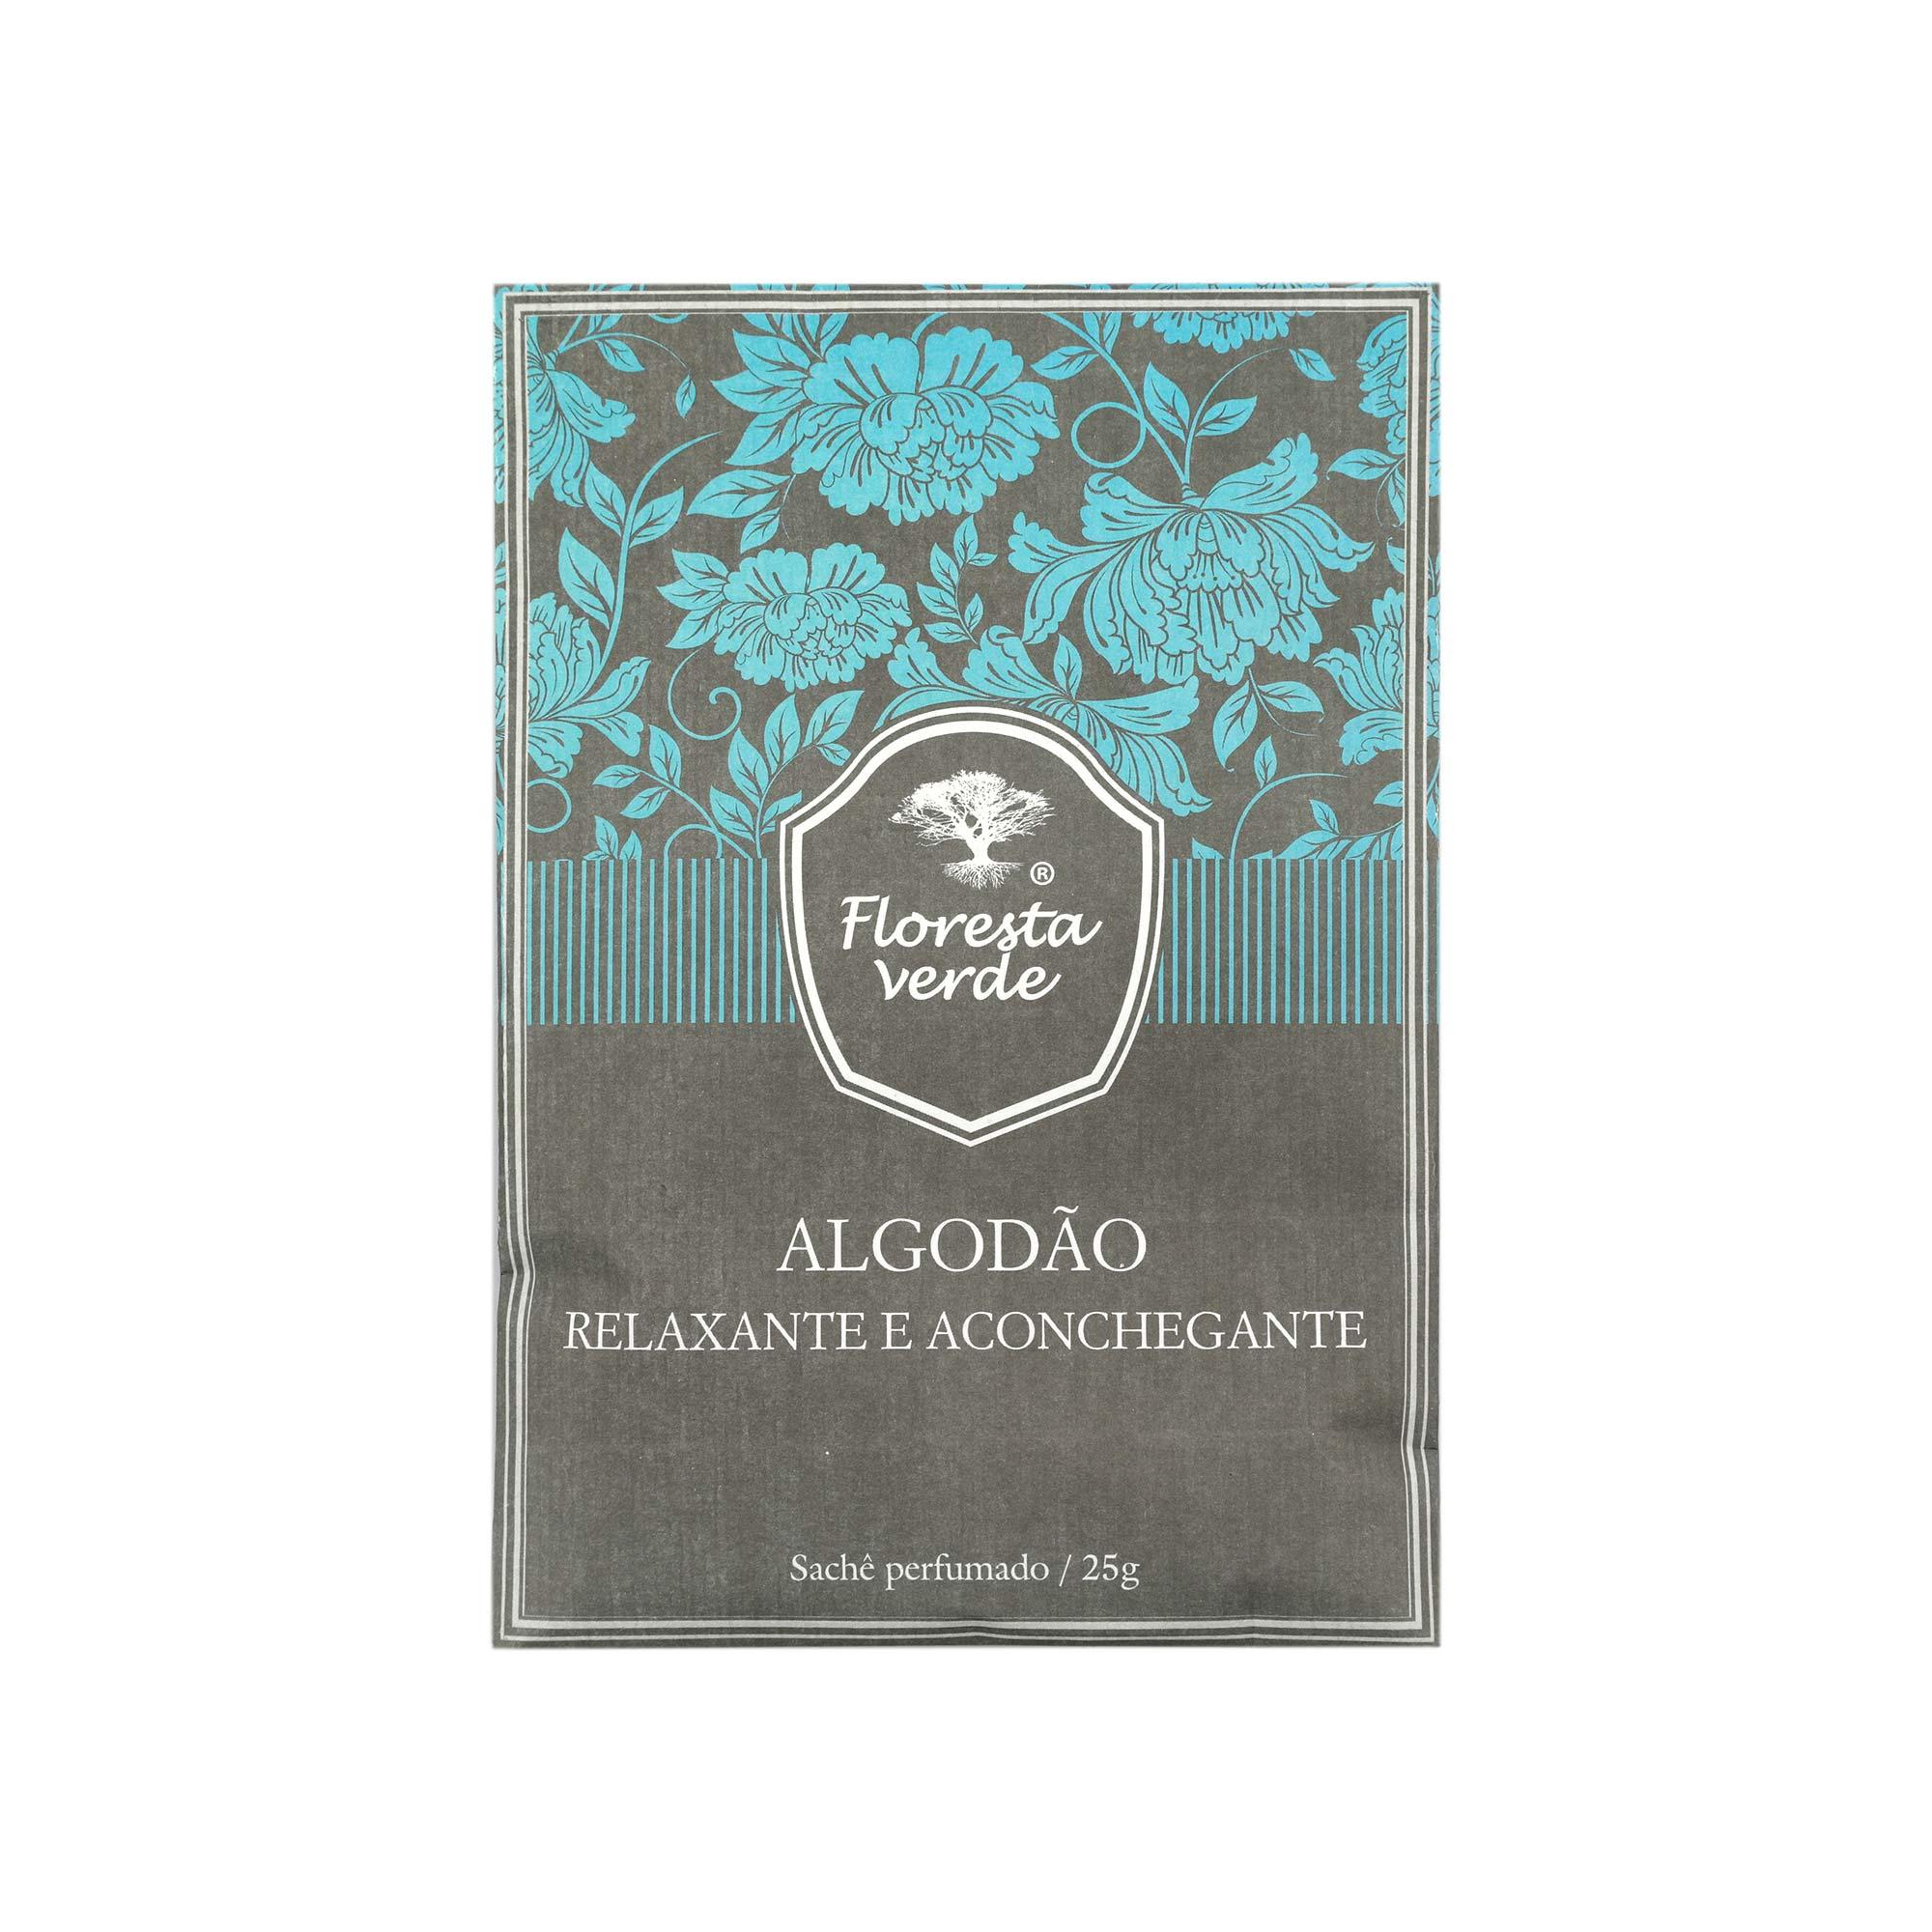 Sachê perfumado Algodão  25 g